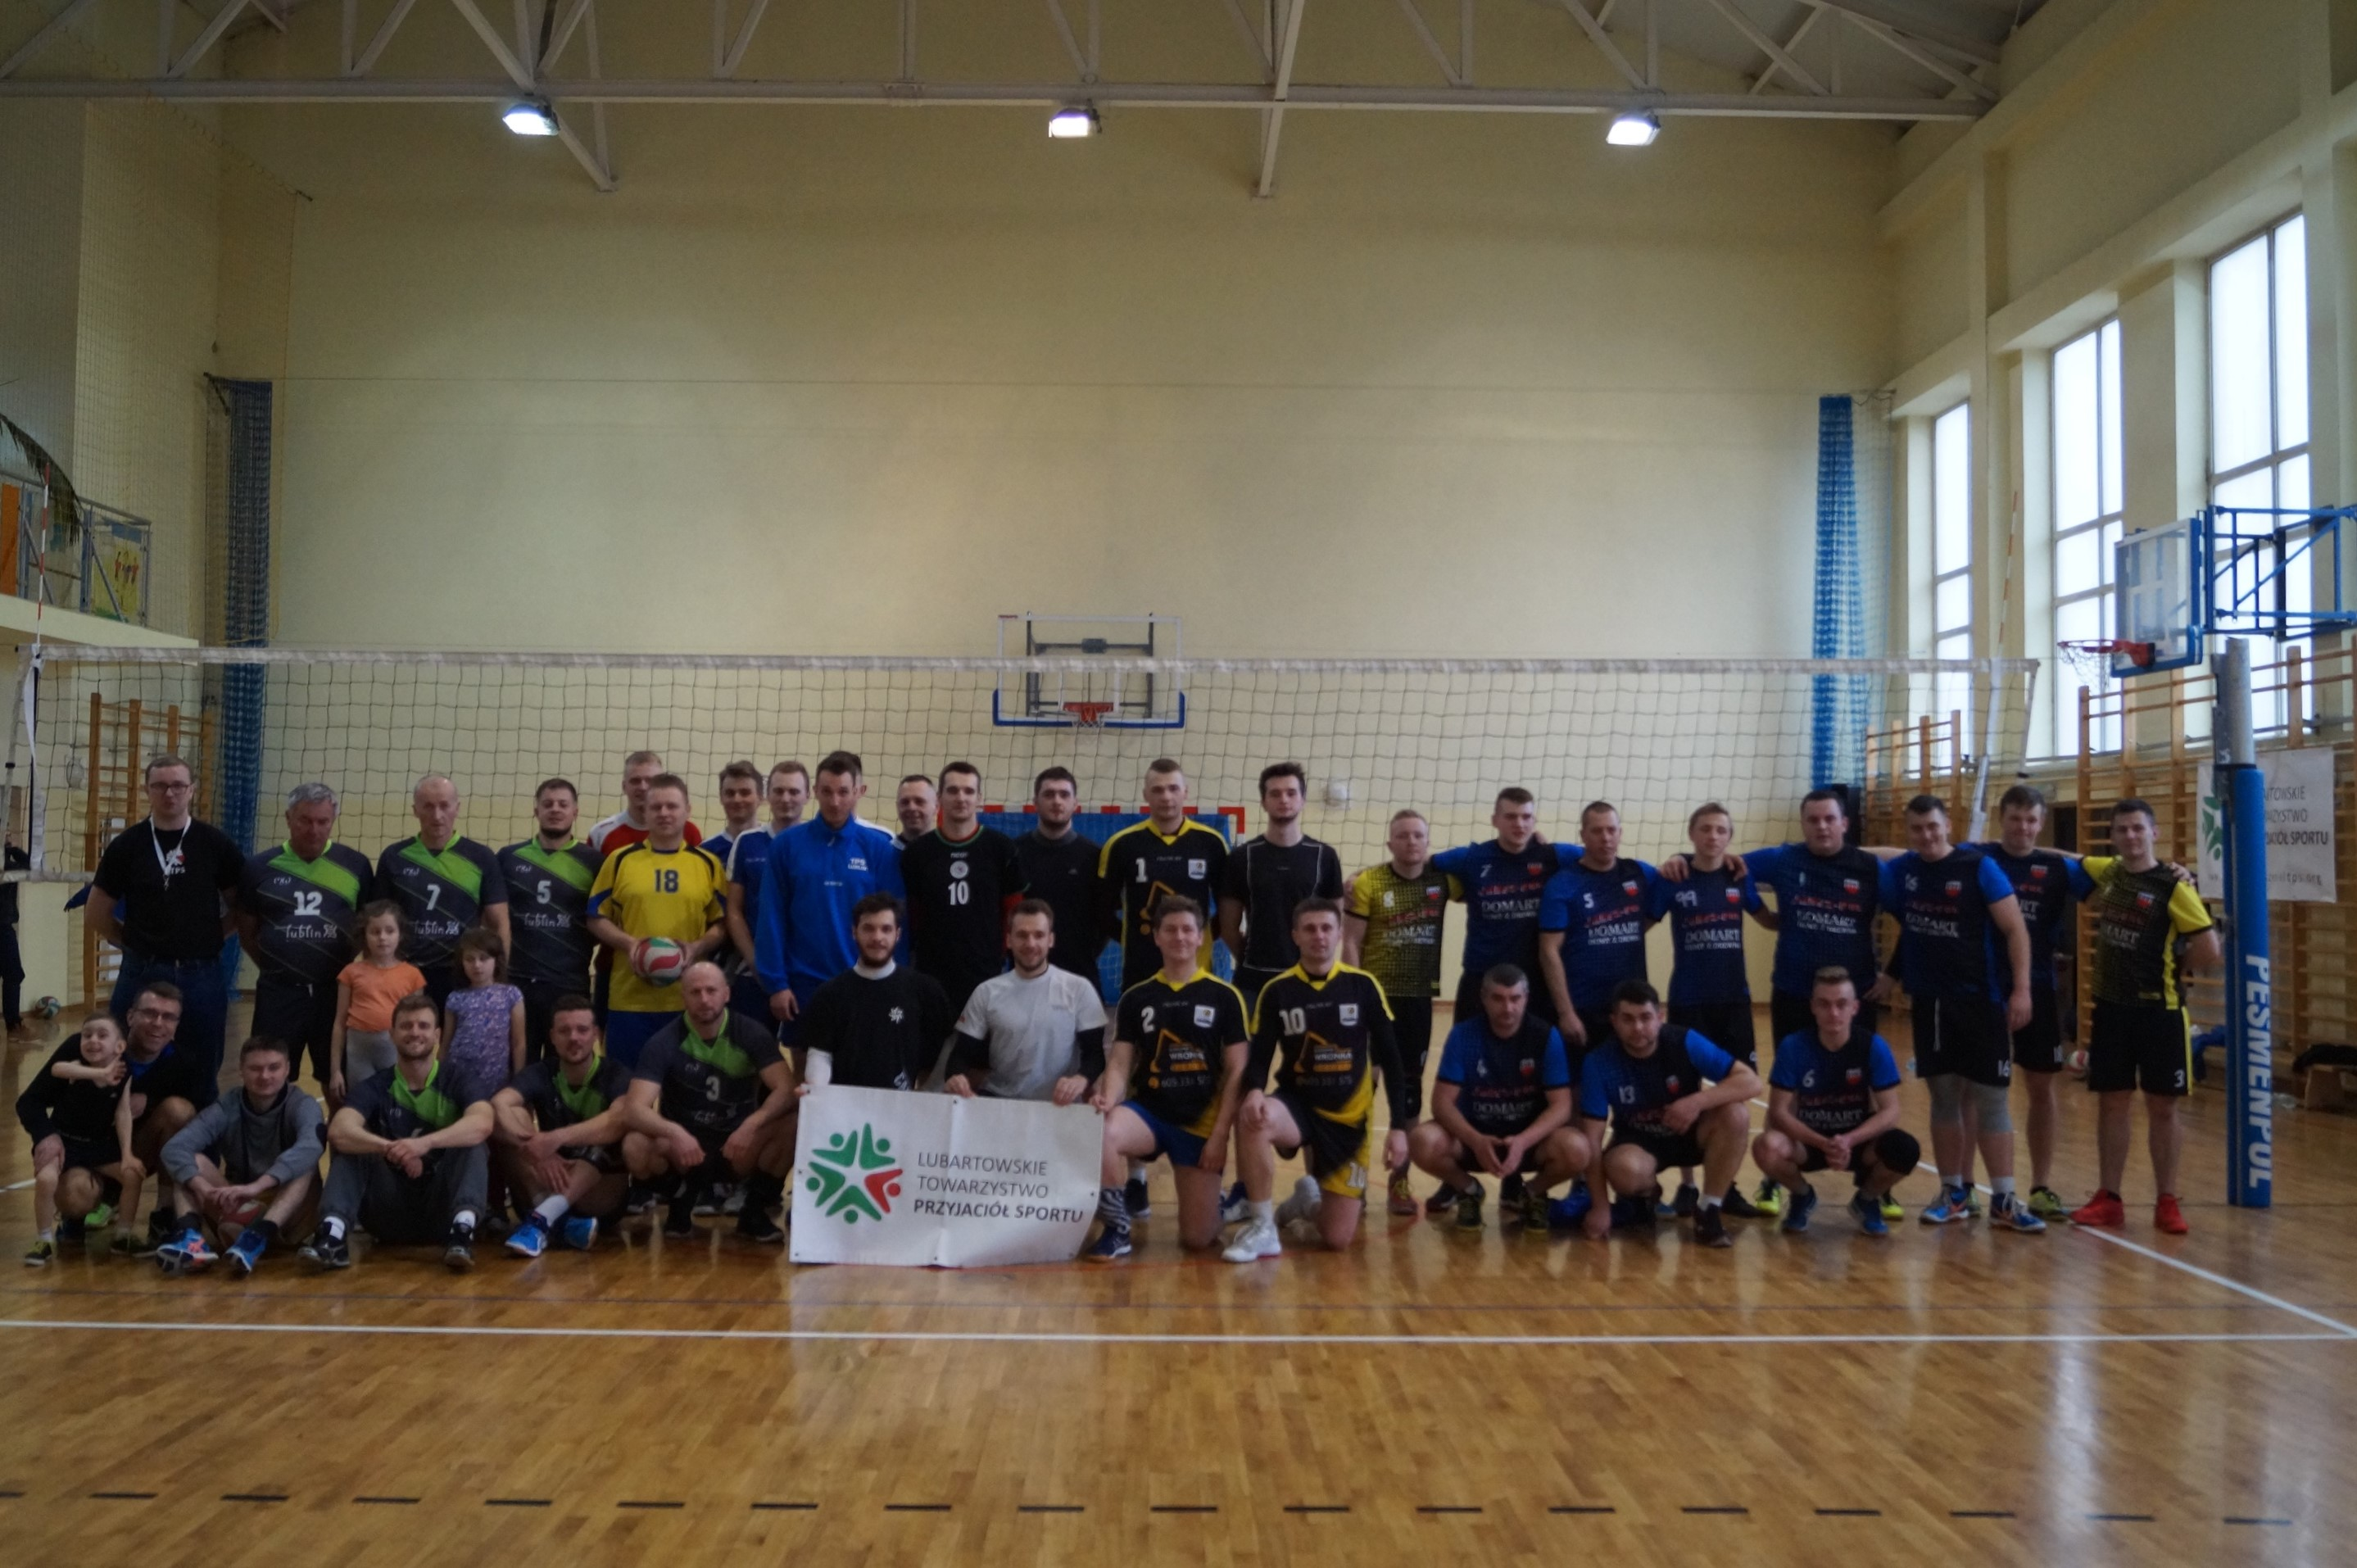 Turniej rejonowy I Amatorskich Mistrzostw Województwa Lubelskiego w piłkę siatkową w Niemcach rozstrzygnięty!